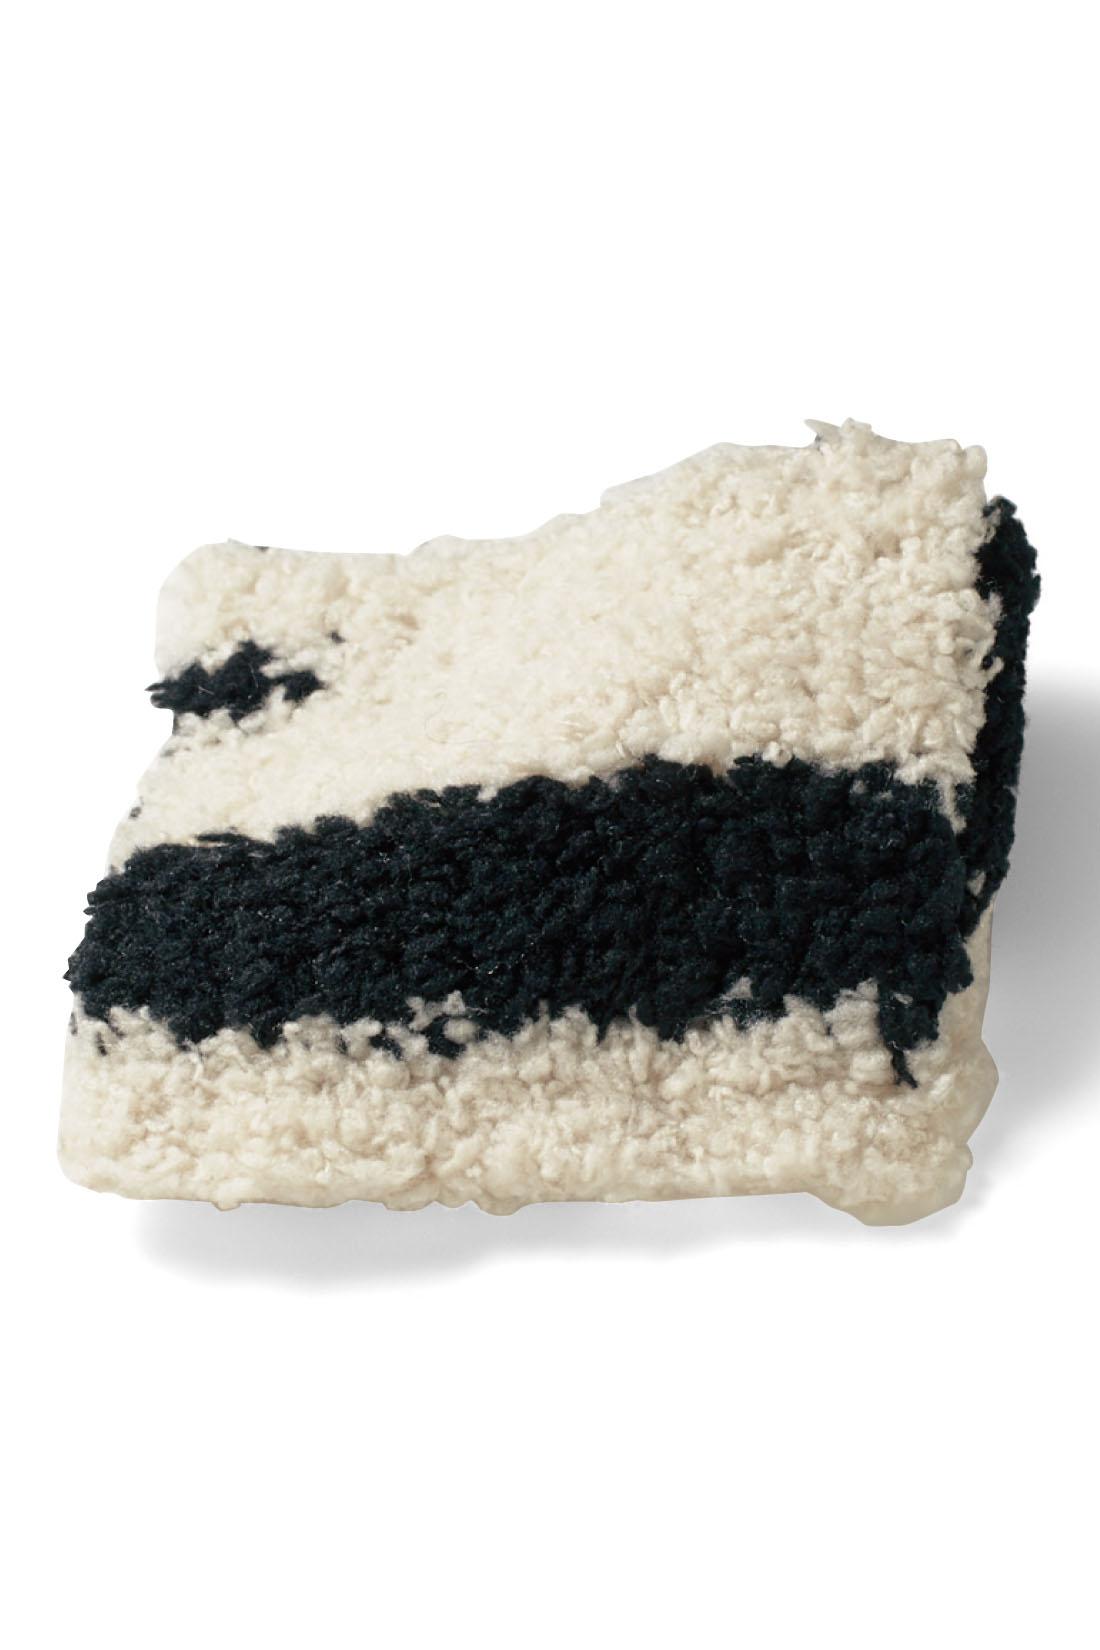 肌ざわりのいい、軽くて暖かなふわもこ素材。袋ジャガード編みでほどよい厚みが気持ちいい。